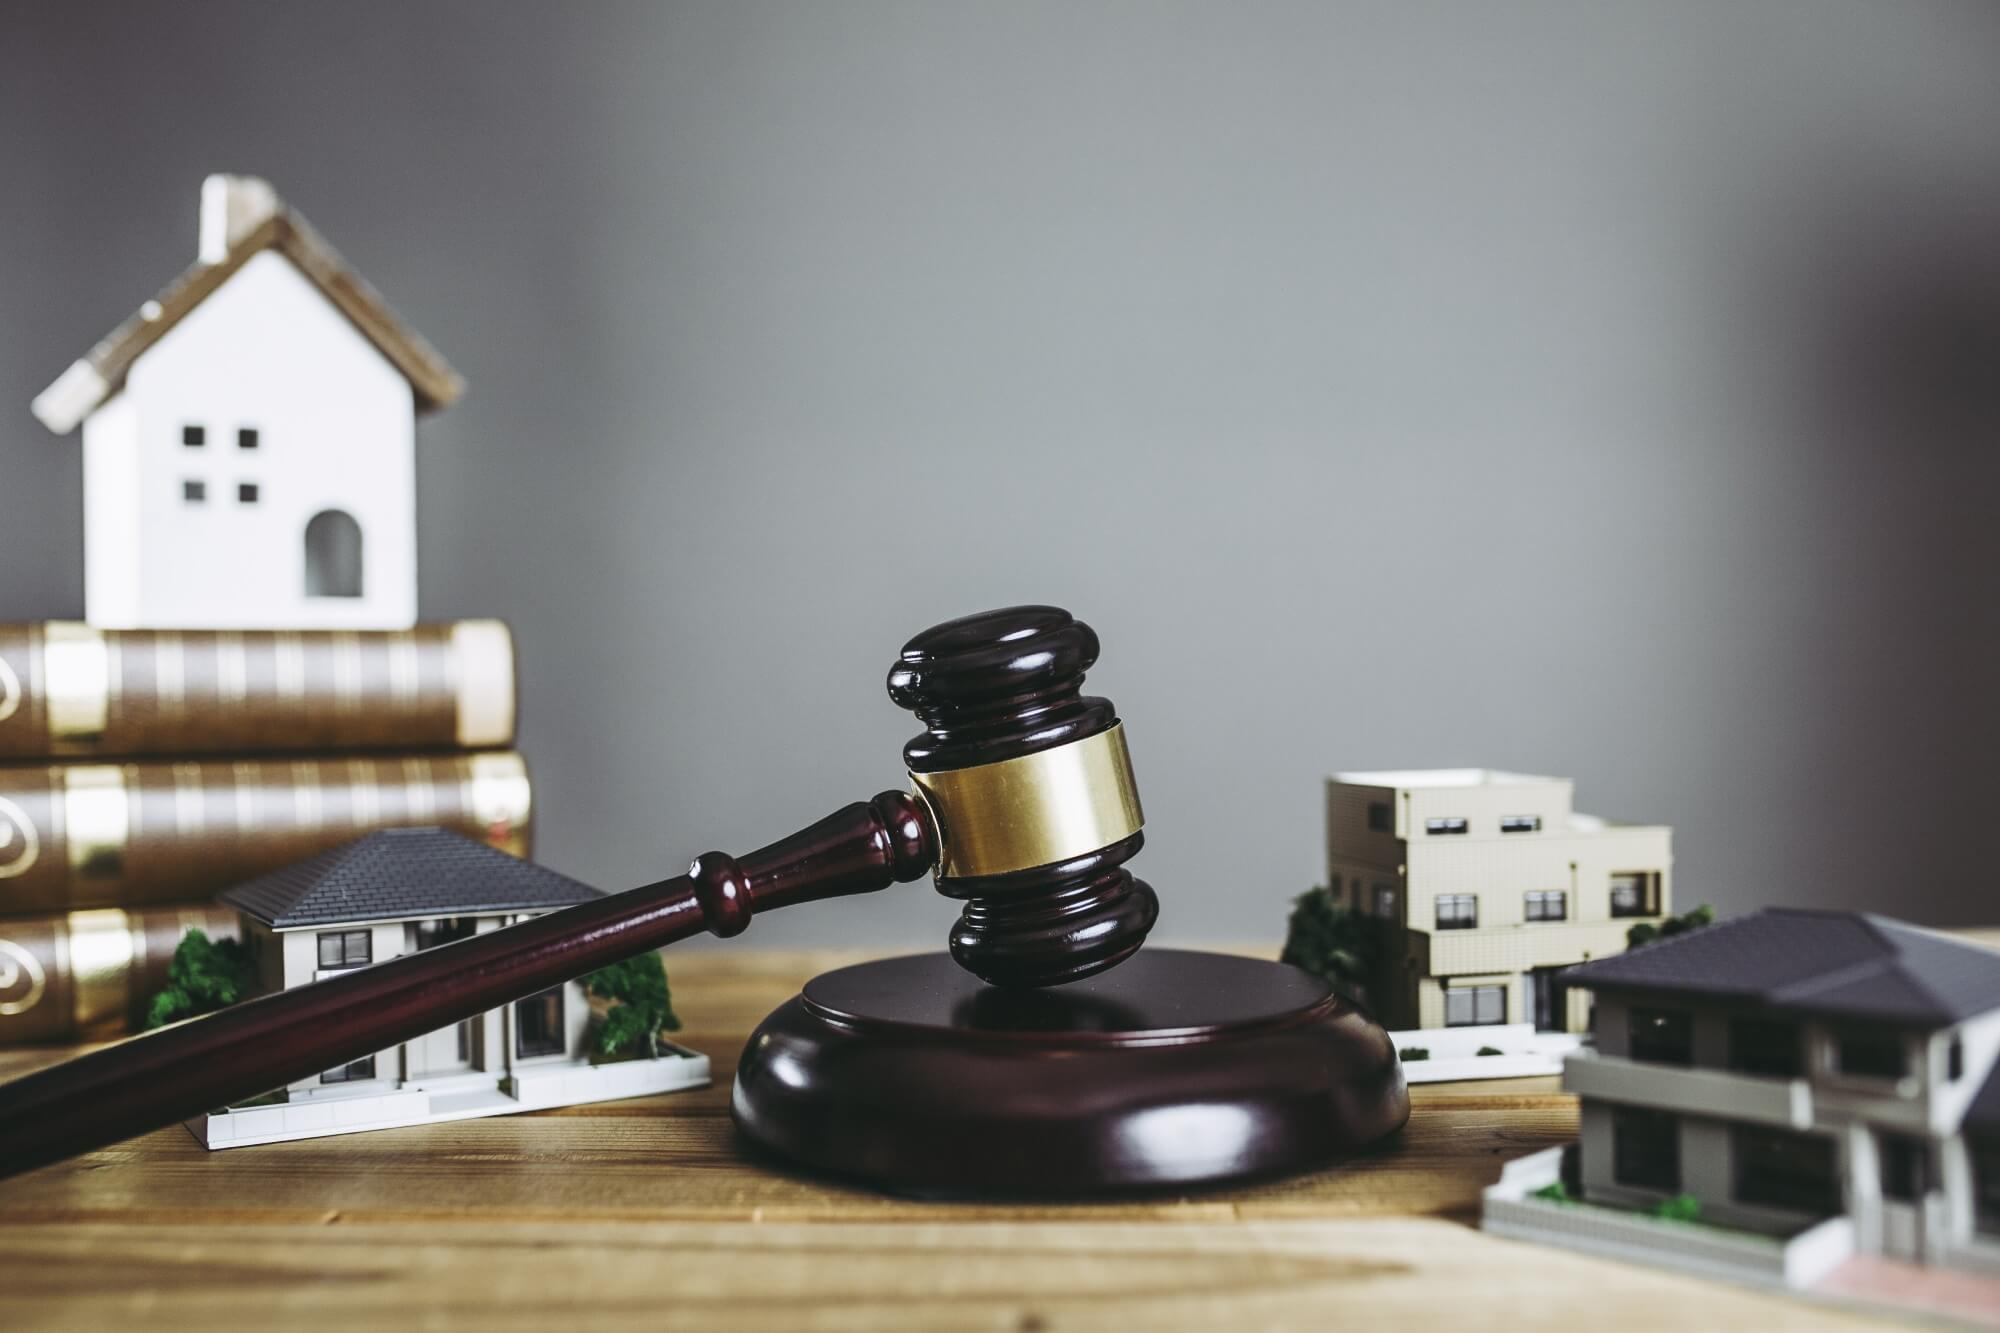 Baugefährdung: Strafbarkeit des Bauleiters